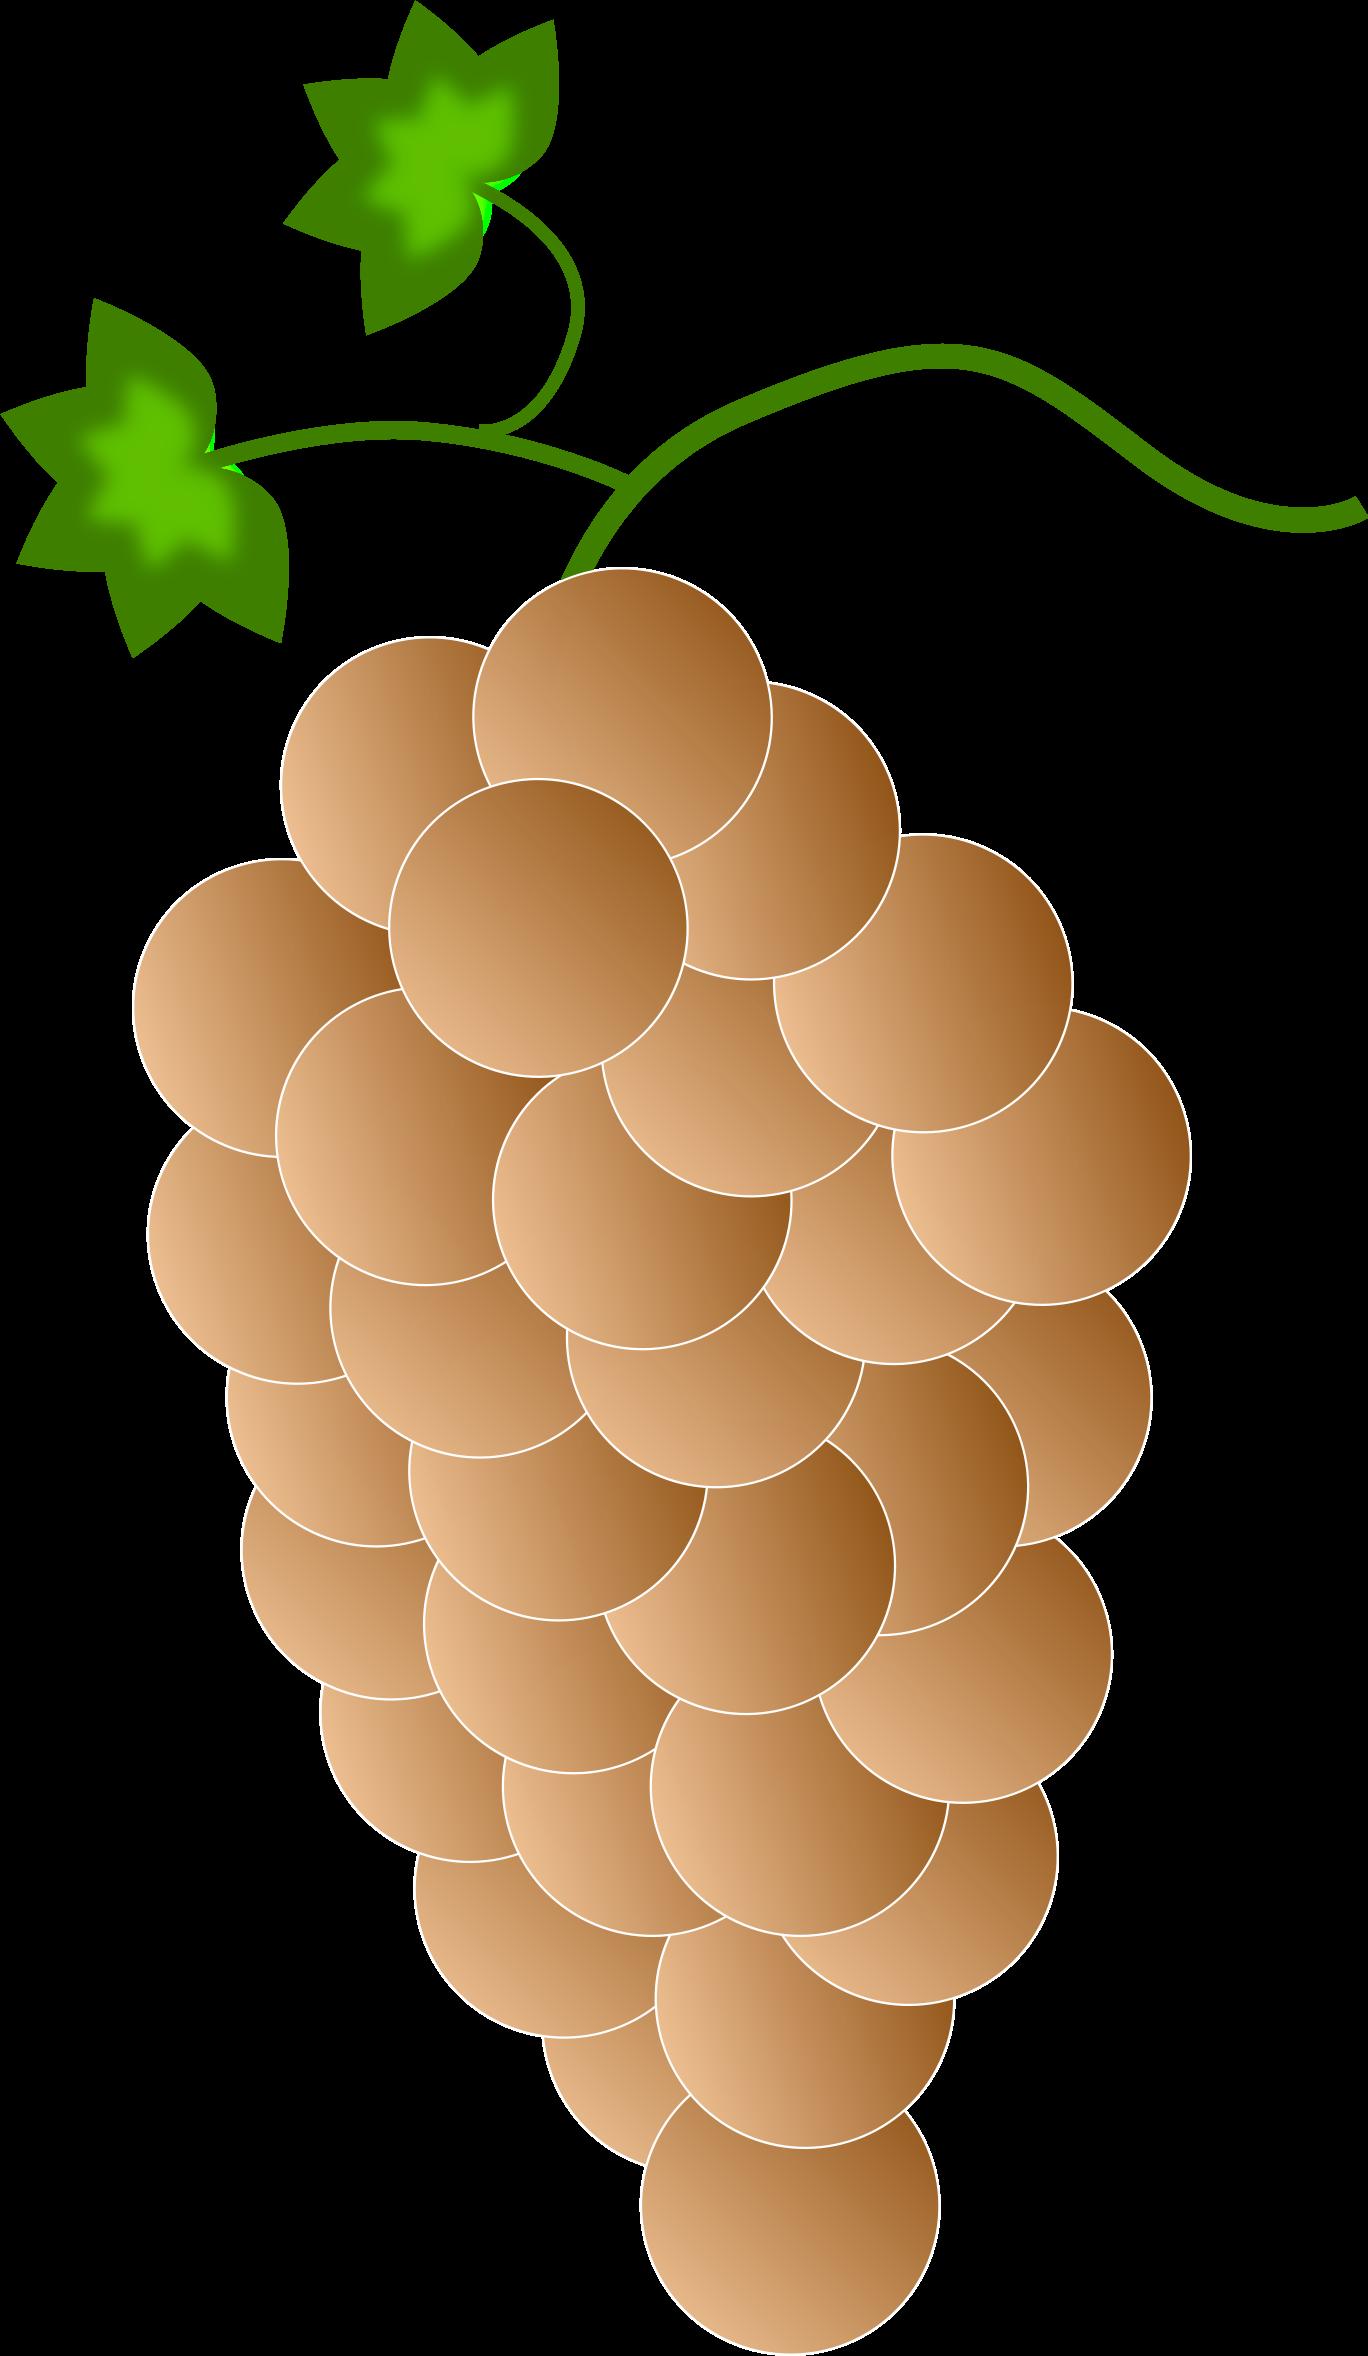 Orange big image png. Grapes clipart illustration